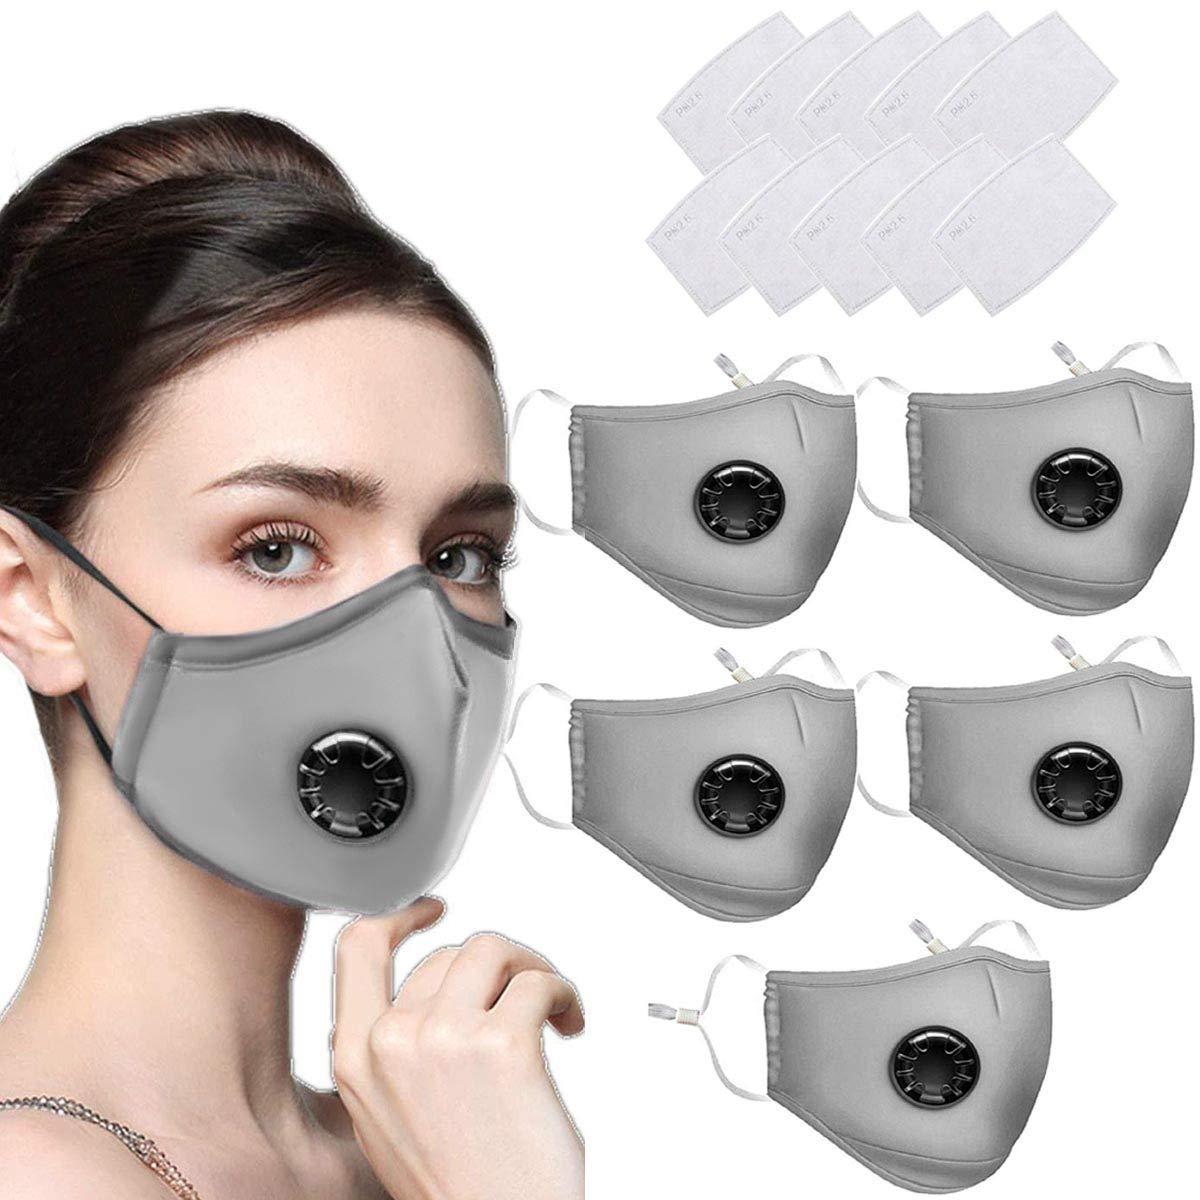 5 x Máscaras faciales reutilizables Máscara de polvo lavable del Reino Unido con filtro para motocicleta Bicicleta Ciclismo y actividades al aire libre -con 10 filtros de carbón activadogris